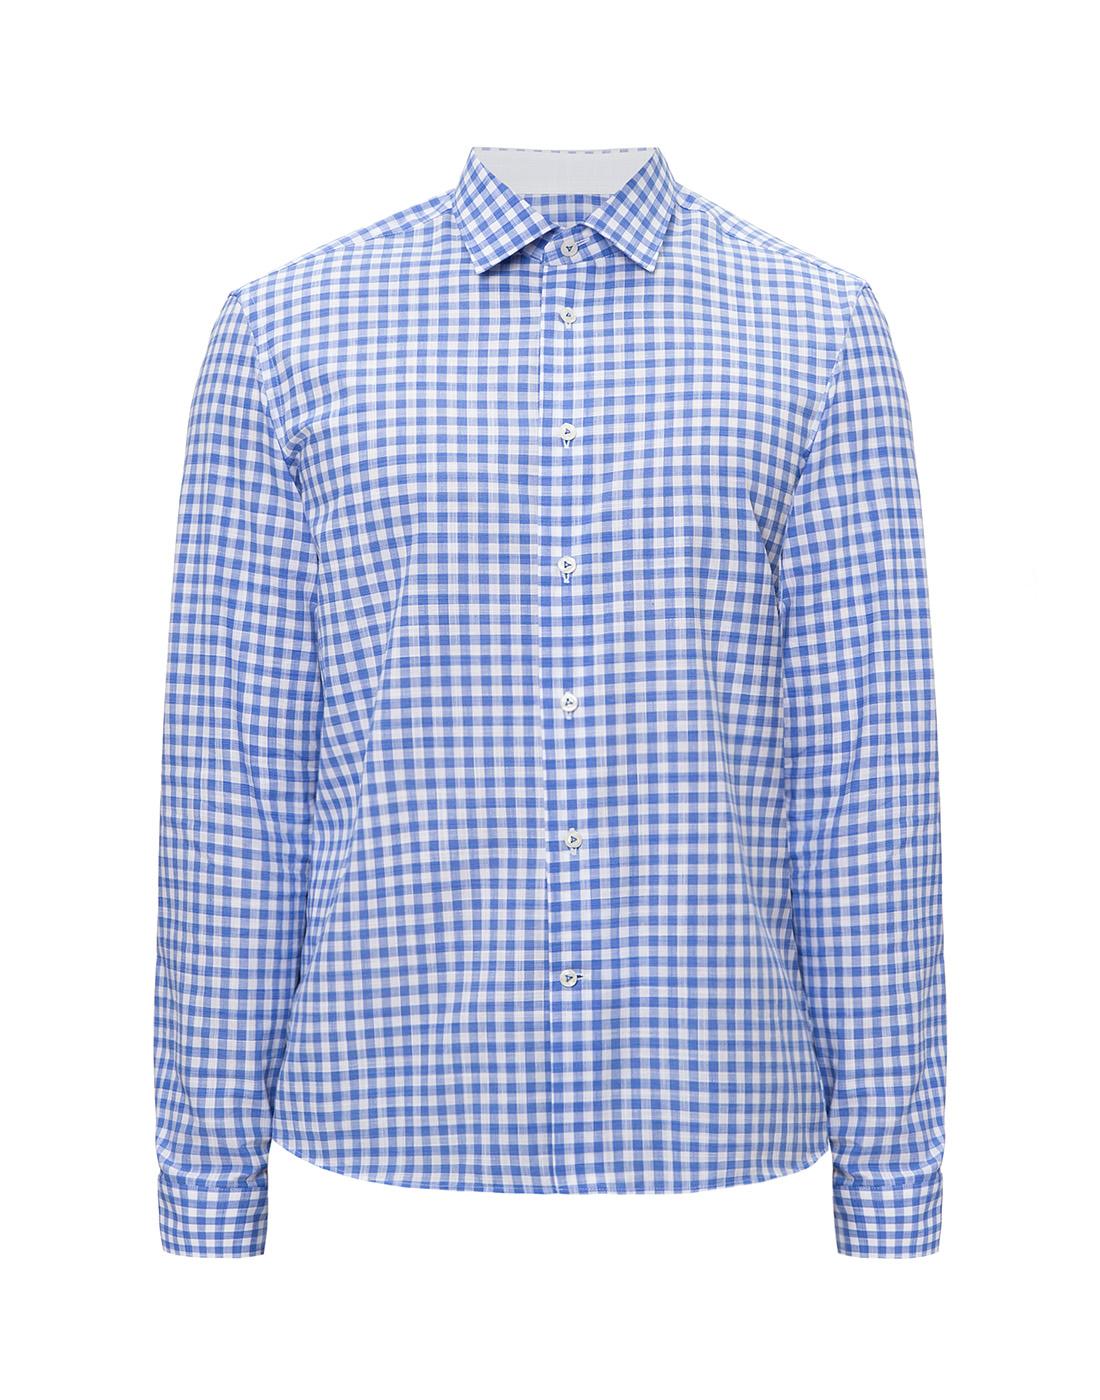 Мужская рубашка в клетку  Van Laack STETON2-TF05 161867/740-1